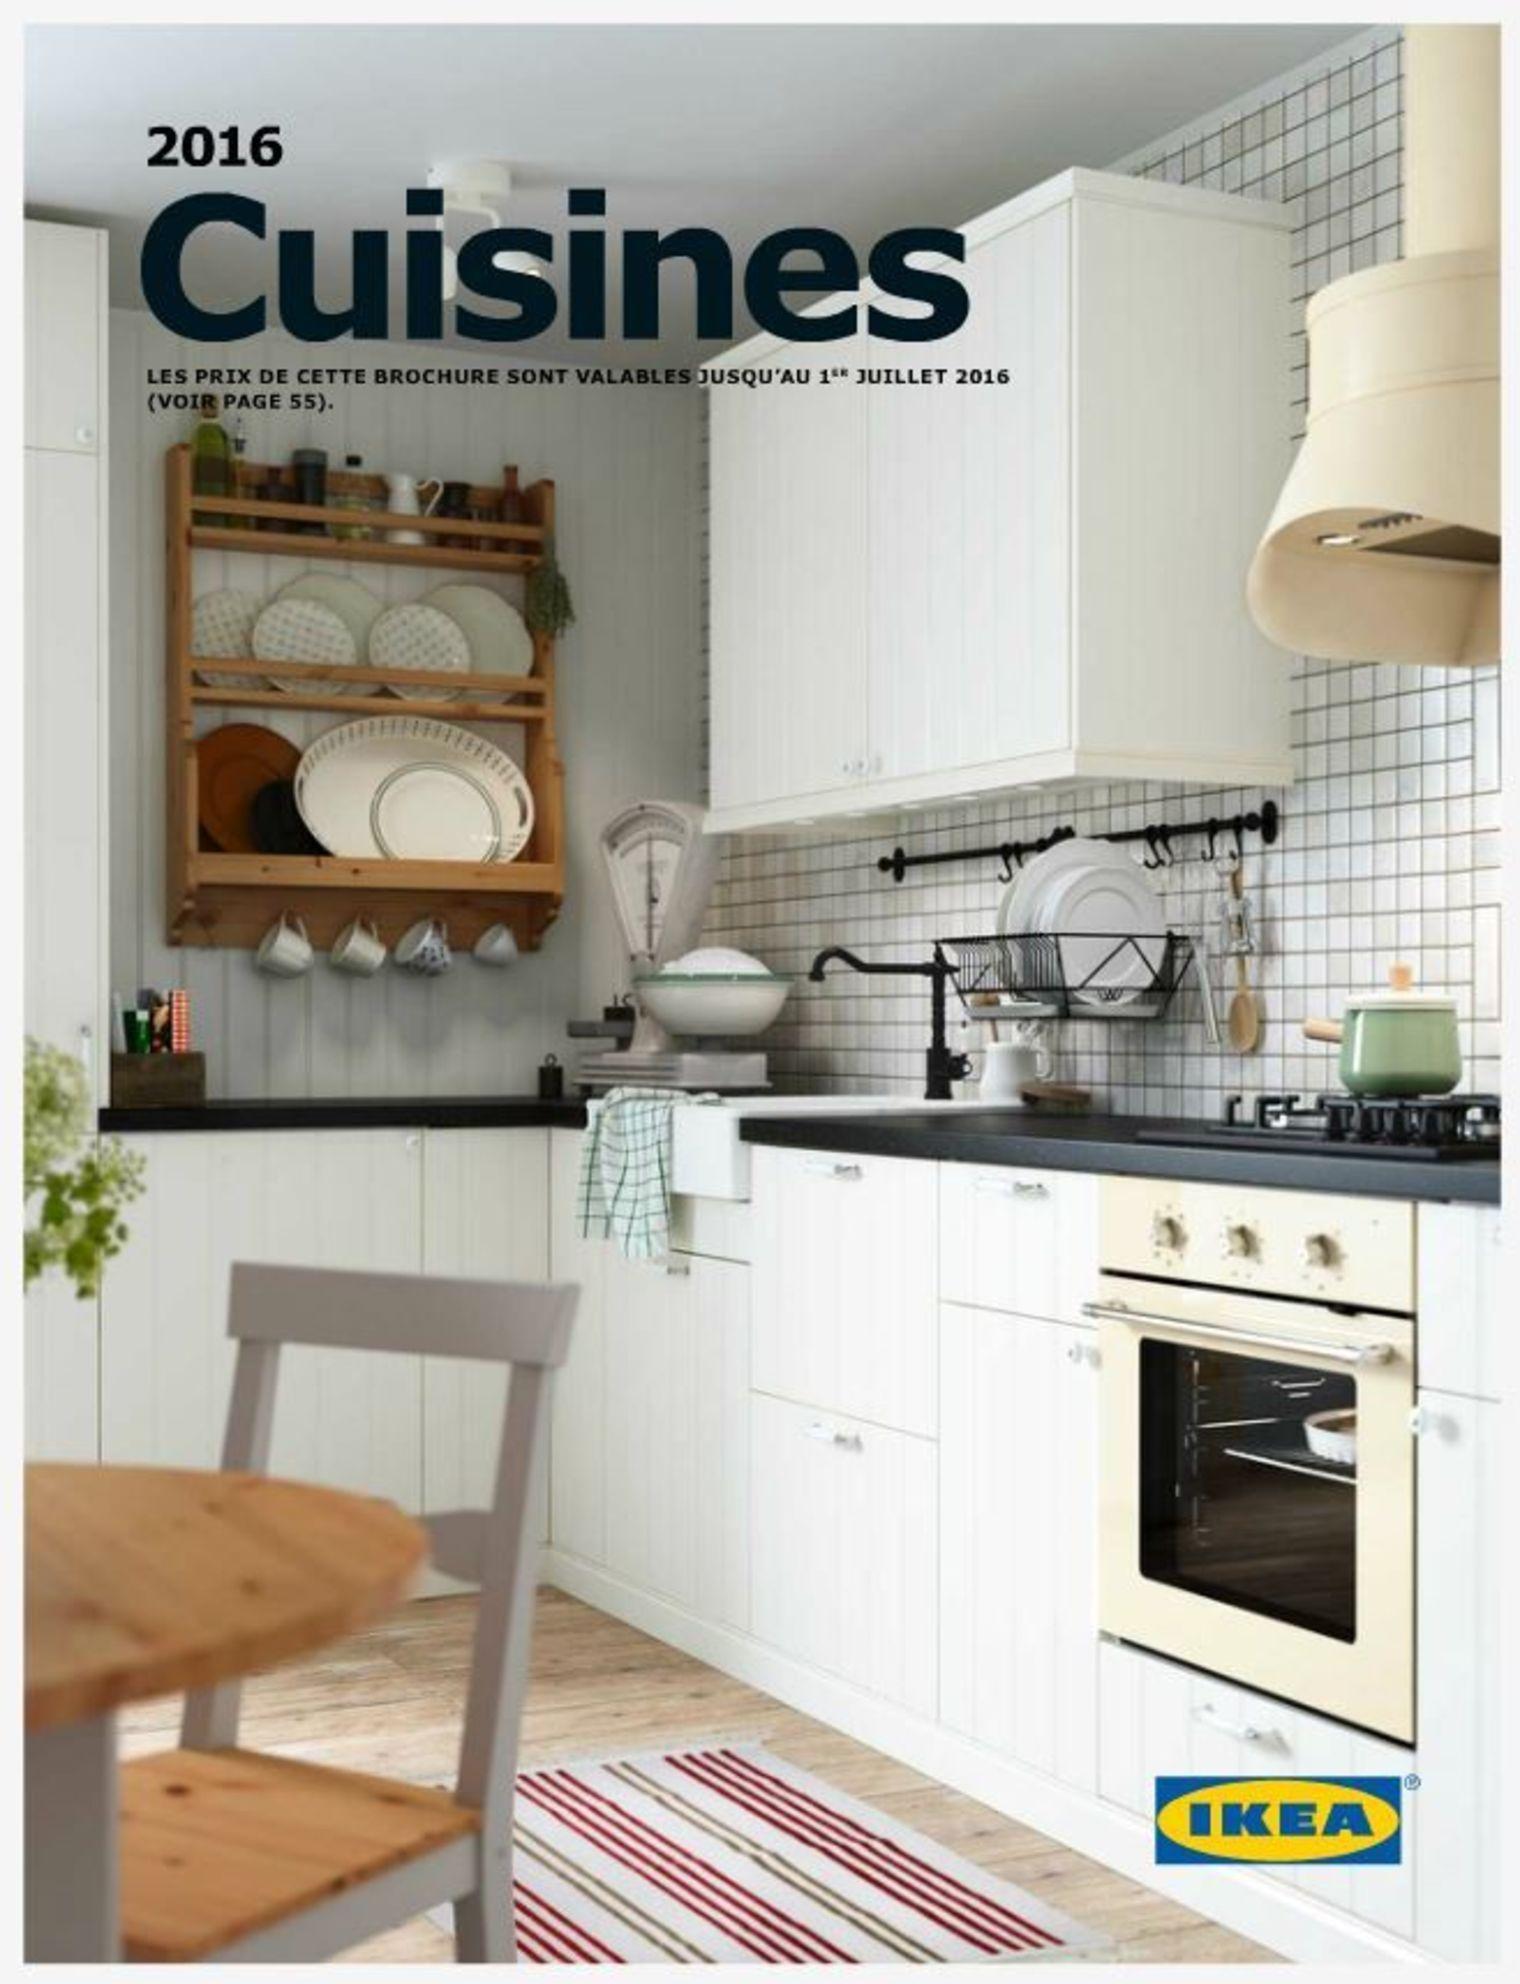 Cuisine Ikea Consultez Le Catalogue Cuisine Ikea Cote Maison Cuisine Ikea Kitchen Remodel Home Remodeling